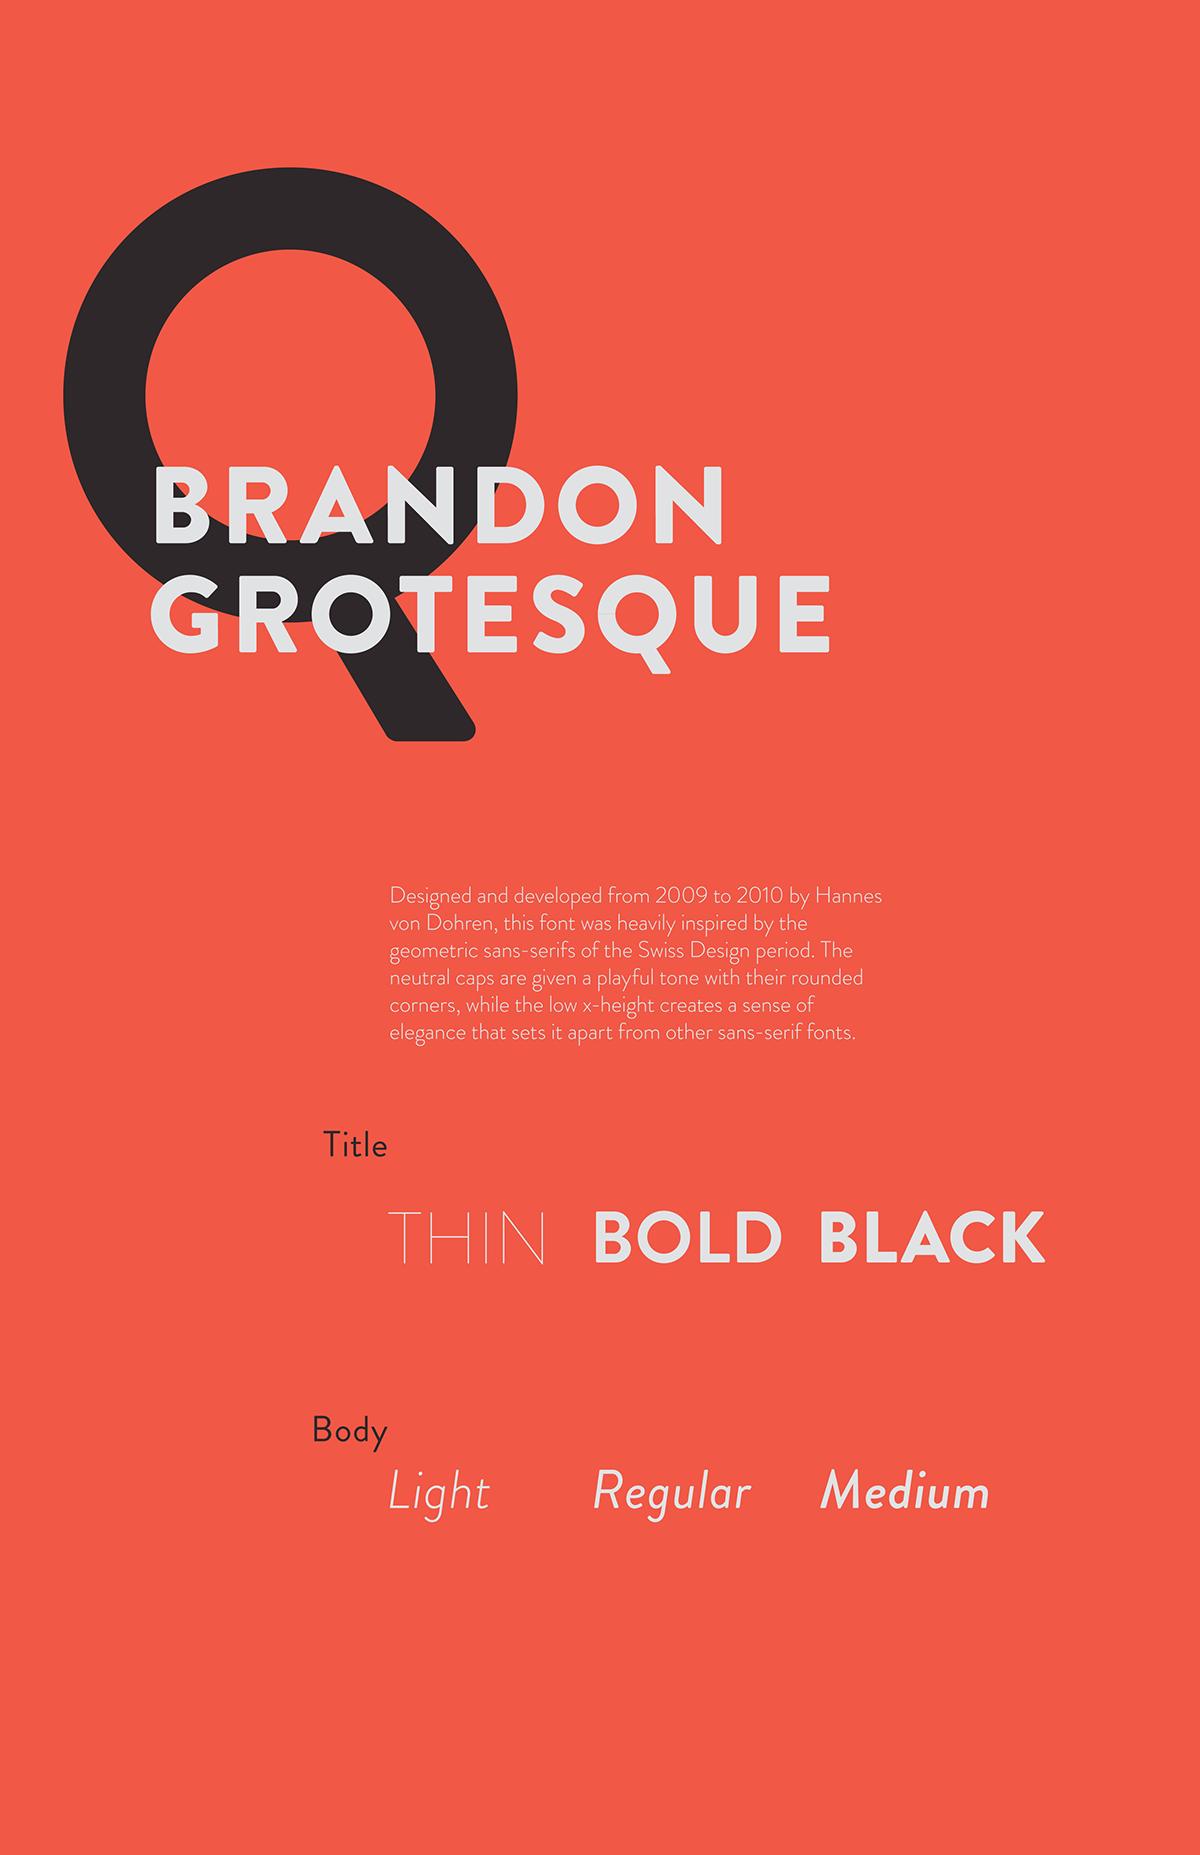 Brandon Grotesque: Type Specimen Poster on Behance